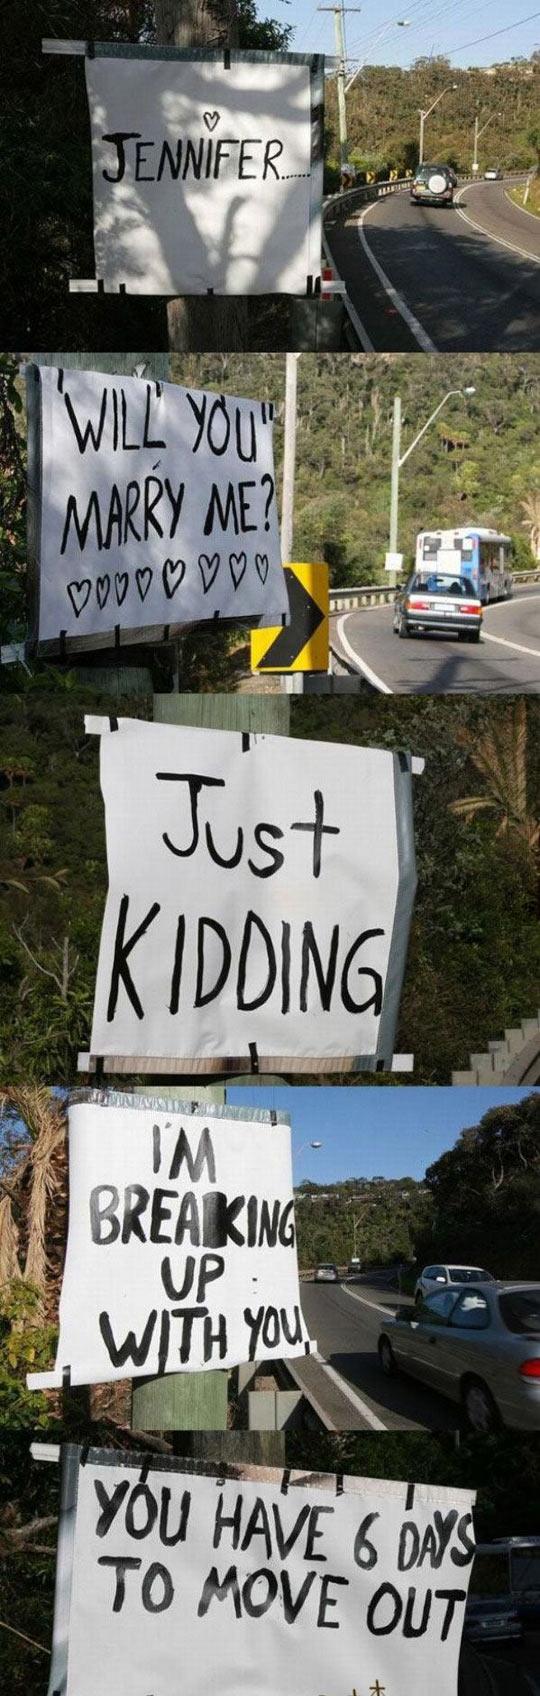 funny-Jennifer-sign-street-marry